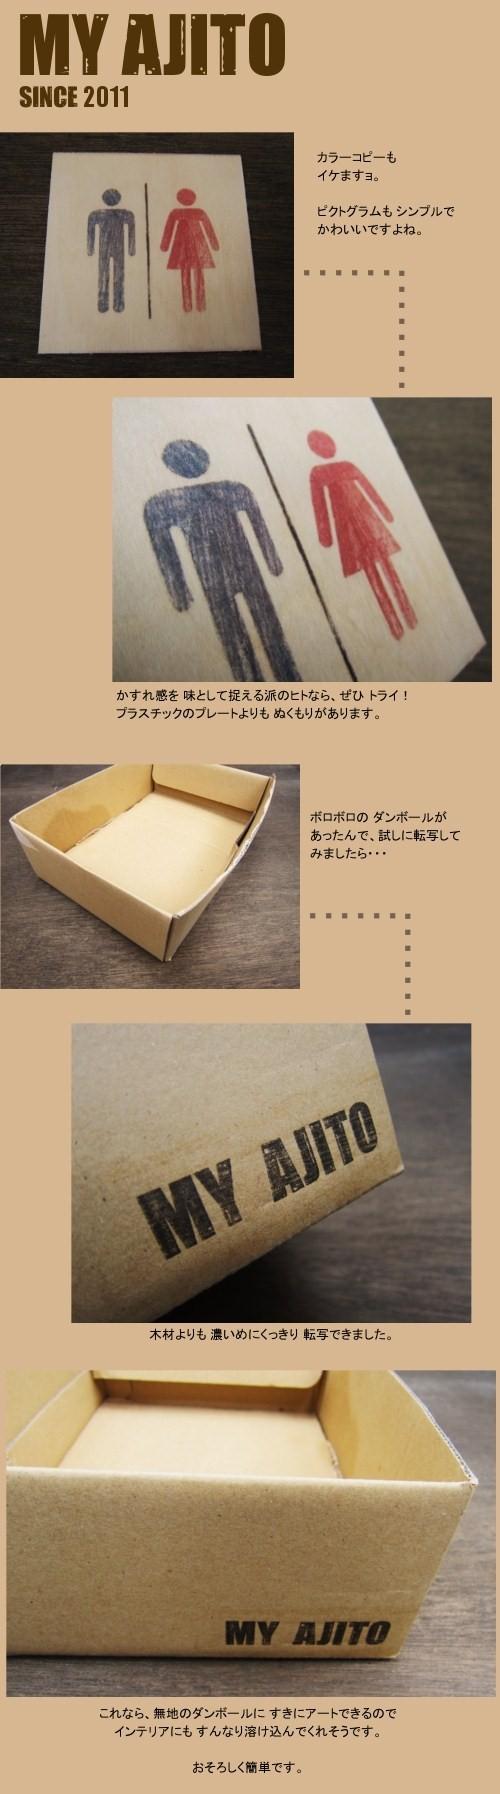 TENSHA_5.jpg